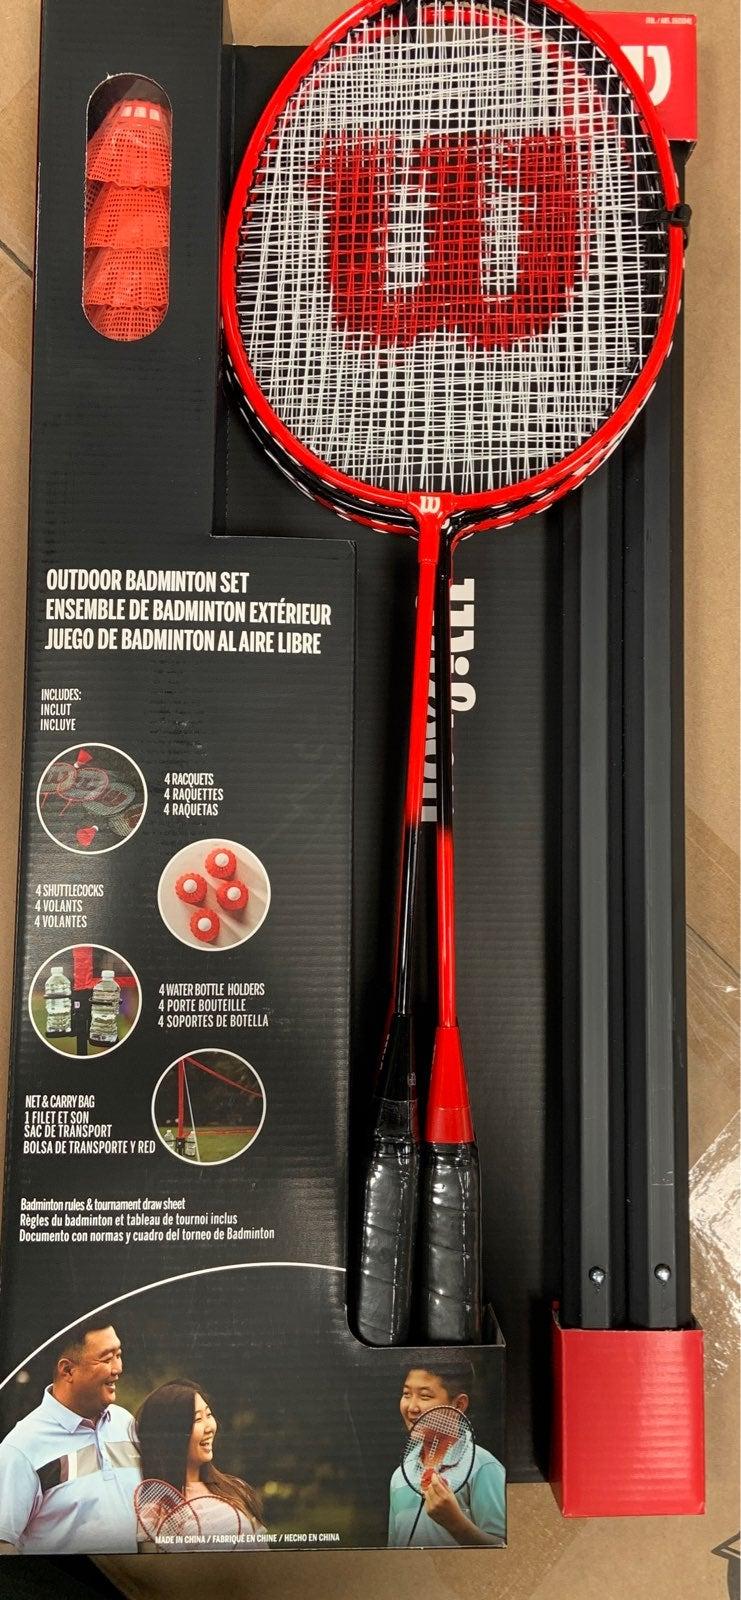 Outdoor Badminton Set By Wilson